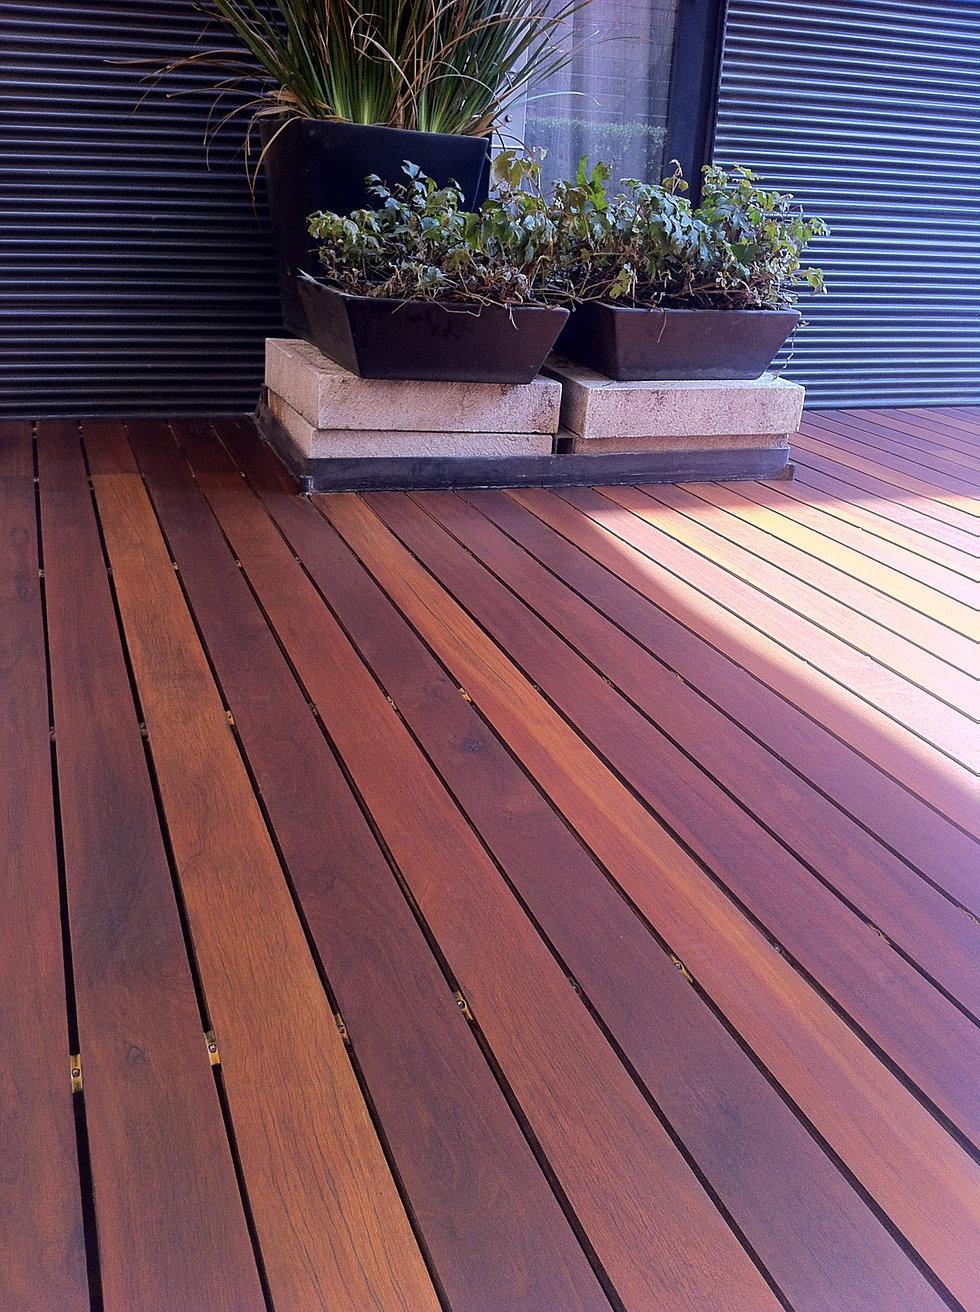 Pisos pal de m xico pisos de madera laminados duela de for Piso laminado de madera